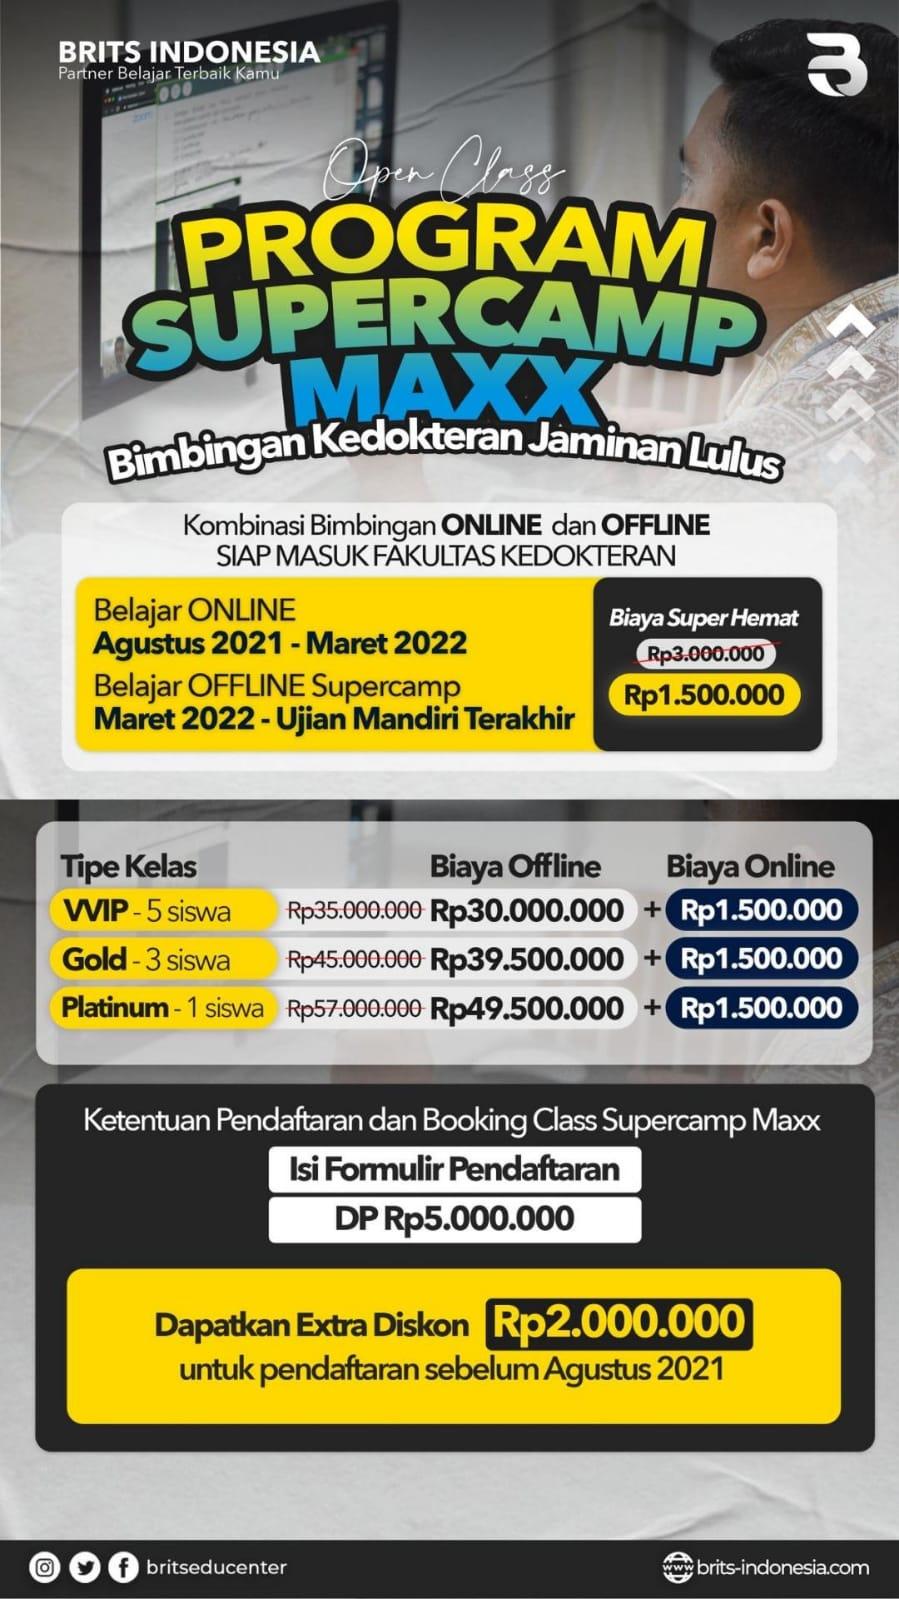 Program Supercamp MAXX BRITS Indonesia Kedokteran dan All Jurusan Malang Yogyakarta - SuksesUTBK2022 snap